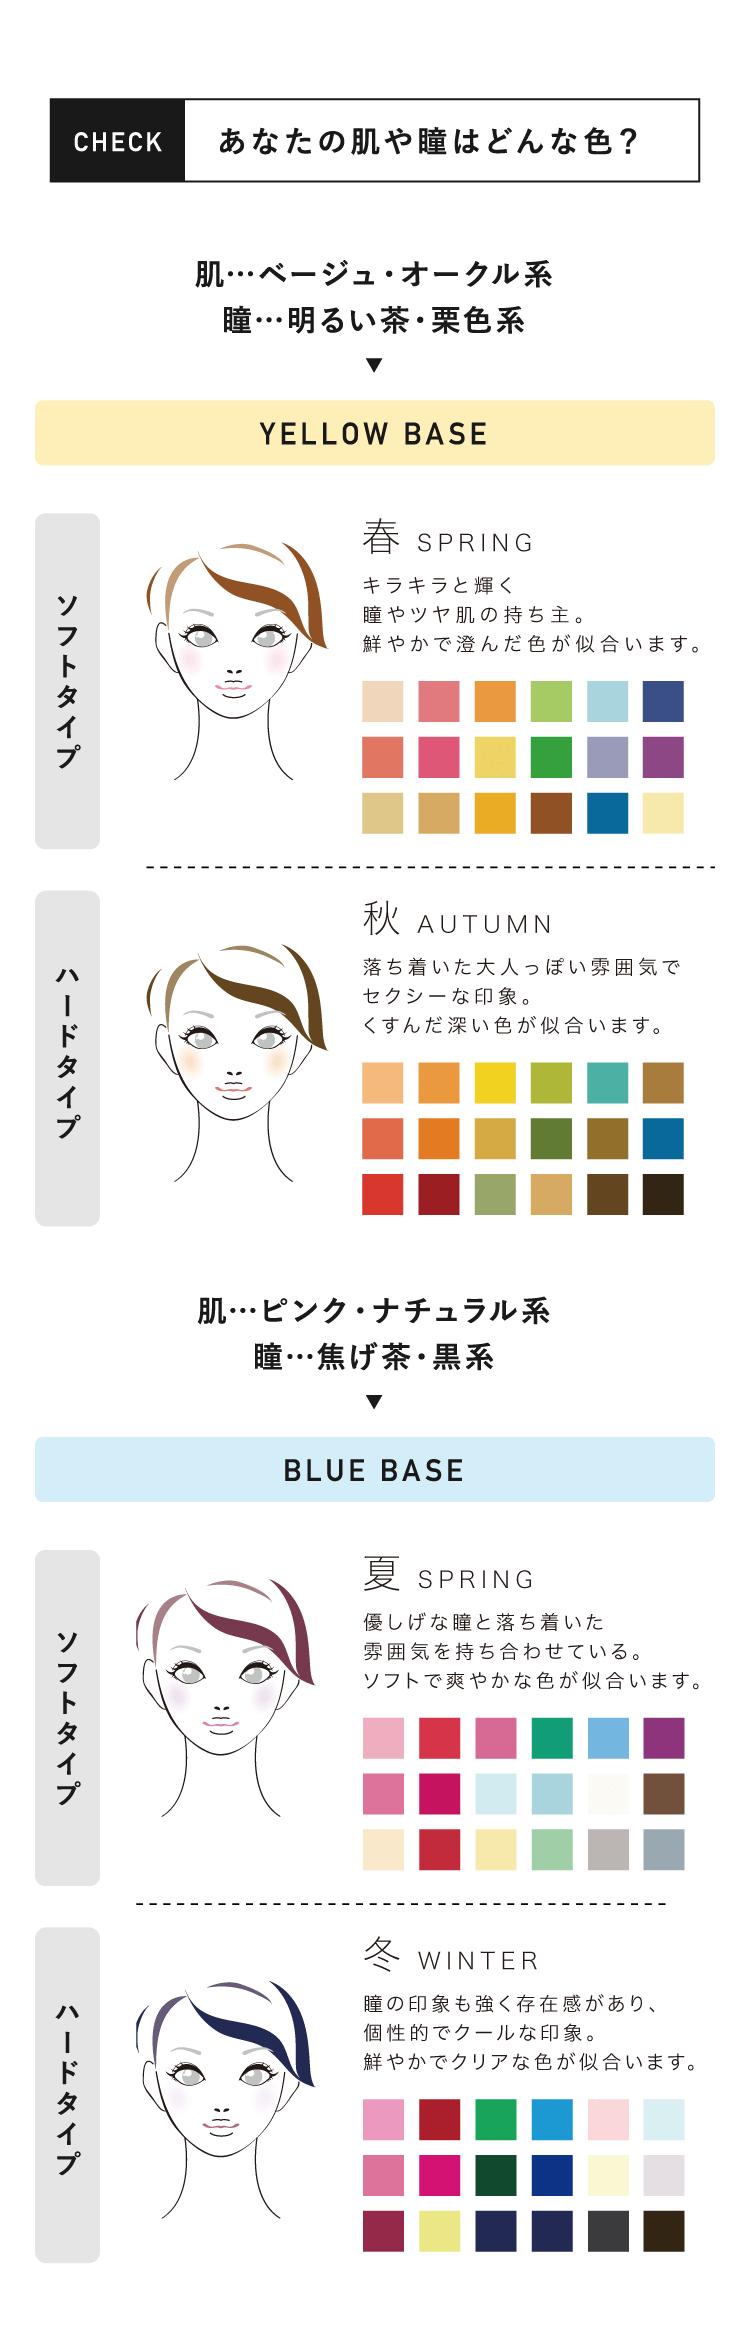 あなたの肌や瞳はどんな色?